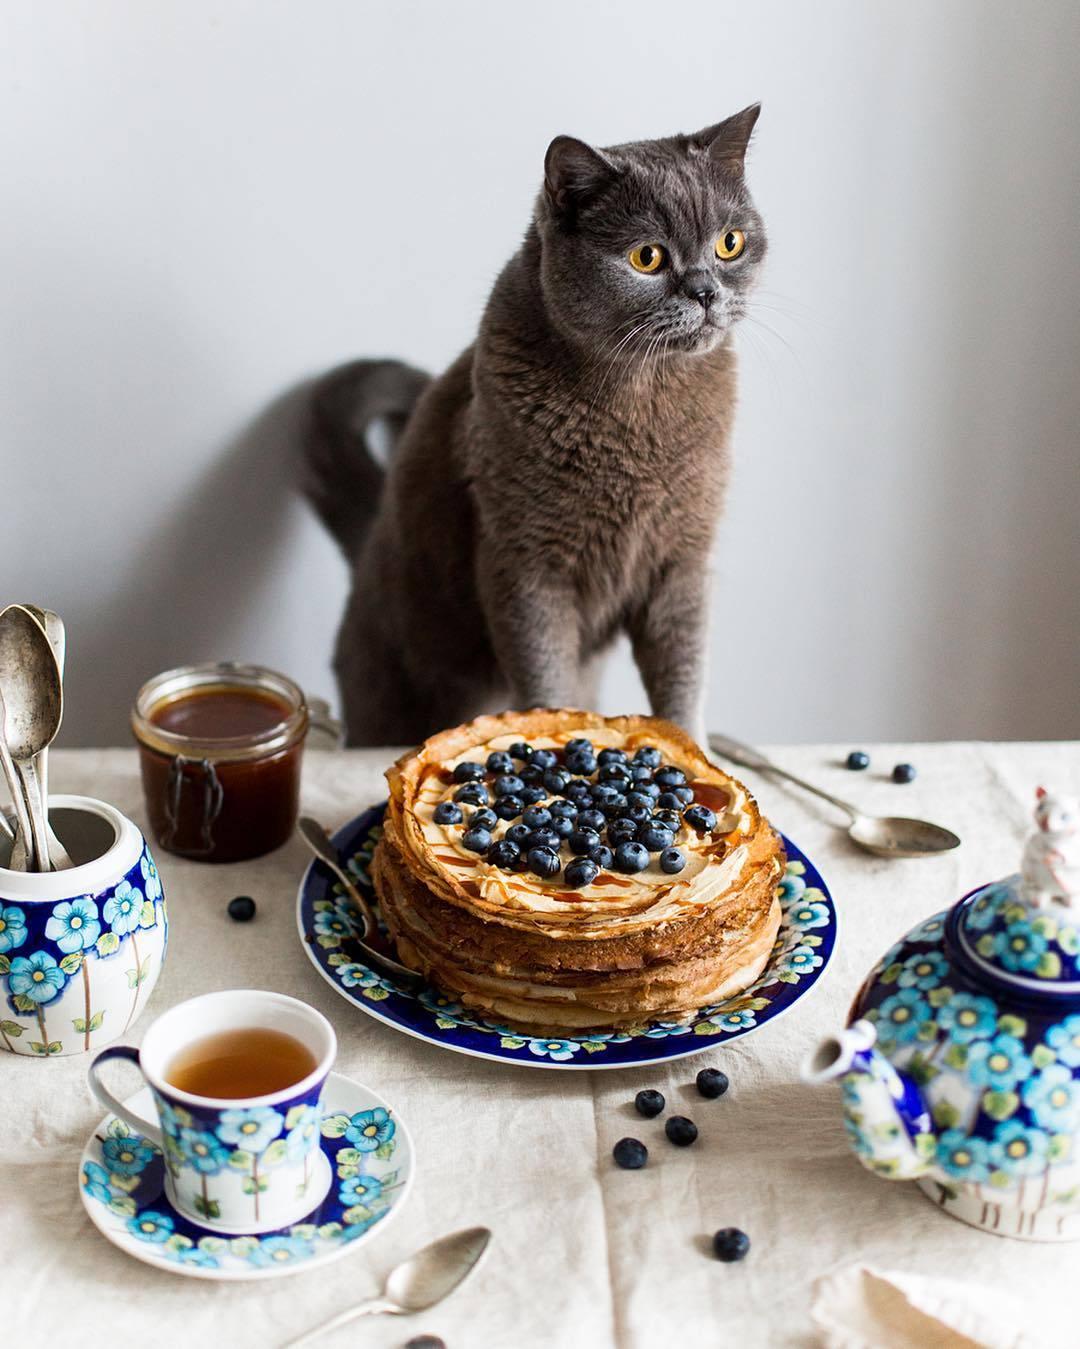 宠物-这位漂亮的美女蛋糕师,让猫咪来为蛋糕代言,将平淡无奇的蛋糕化腐朽为神奇(18)